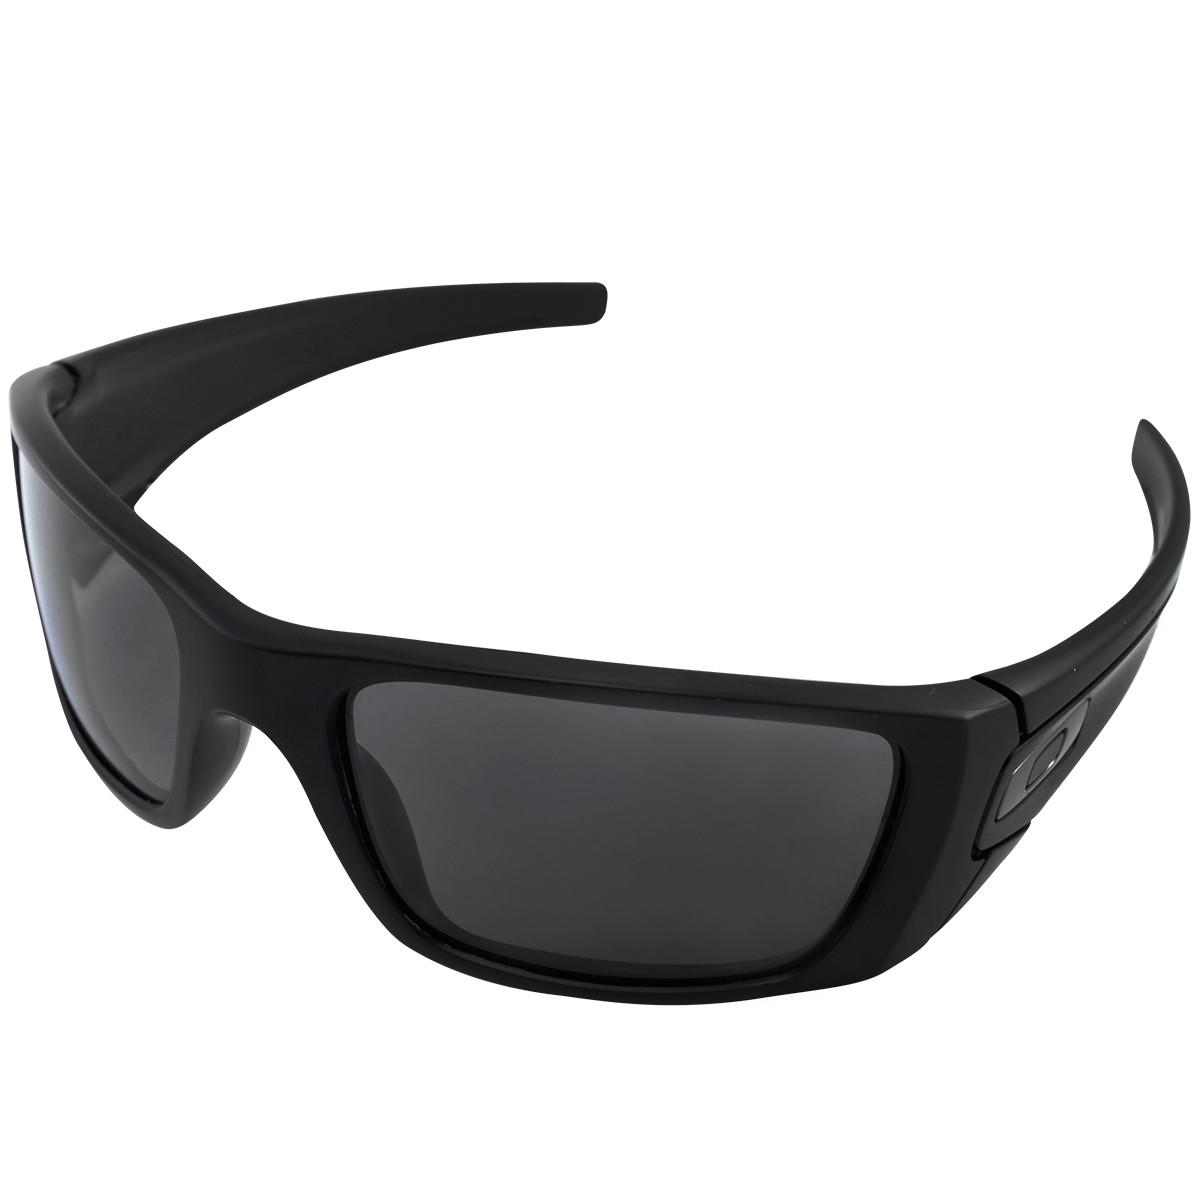 179337f3559f5 Óculos Oakley Fuel Cell Matte Black Lente Grey Polarizado ref OO9096-05